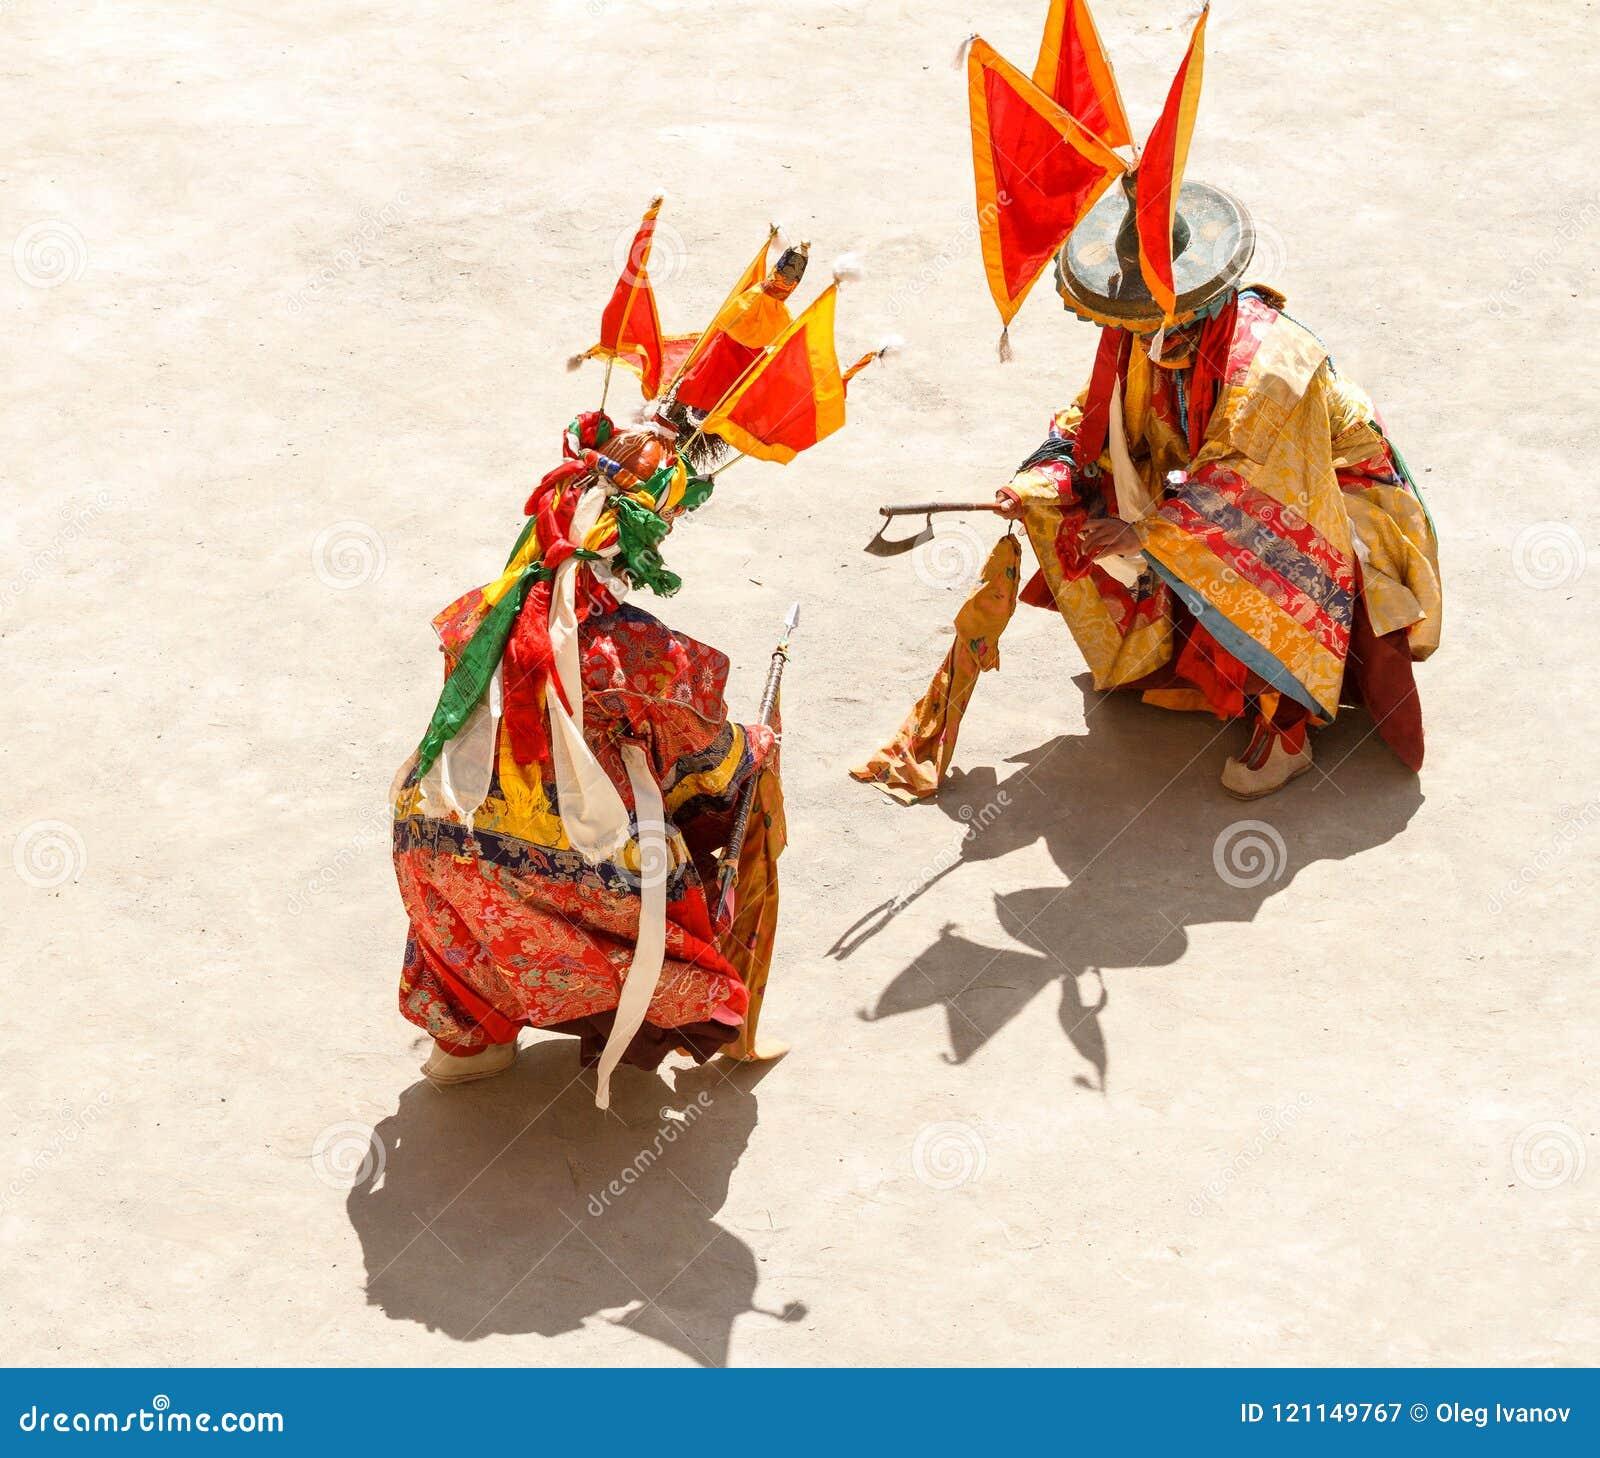 Los monjes realizan una batalla simbólica durante la danza enmascarada y vestida religiosa del misterio del budismo tibetano dura